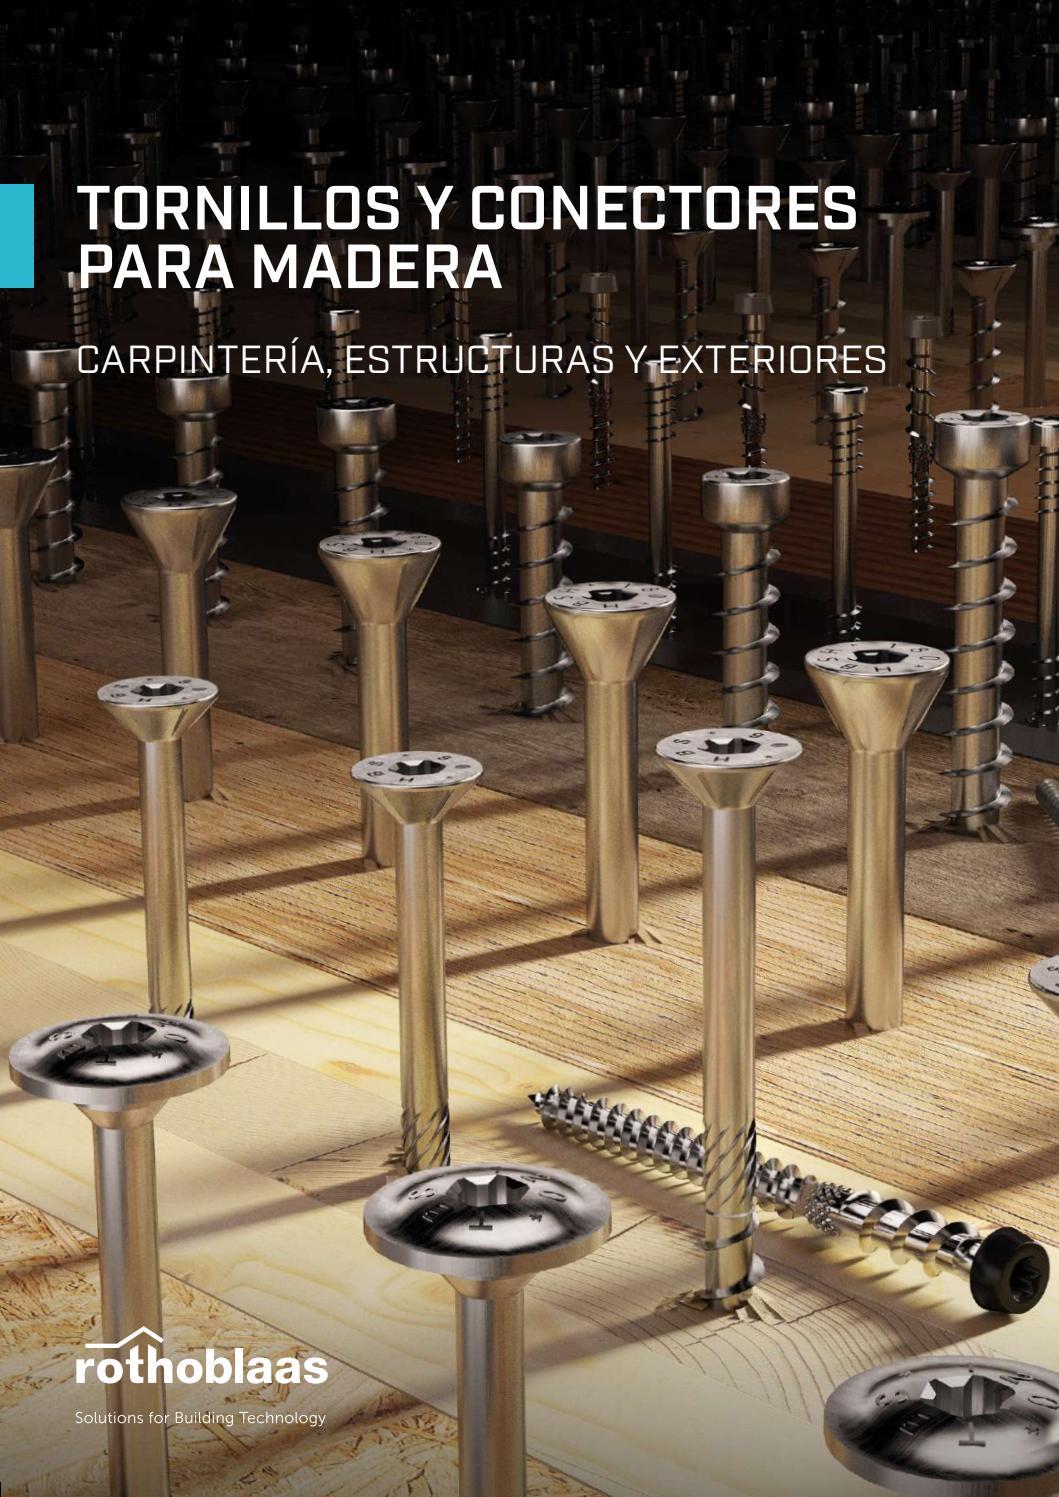 5 x 25 hasta 16 x 150 100 tornillos de cabeza hexagonal para madera DIN 571 acero inoxidable A2